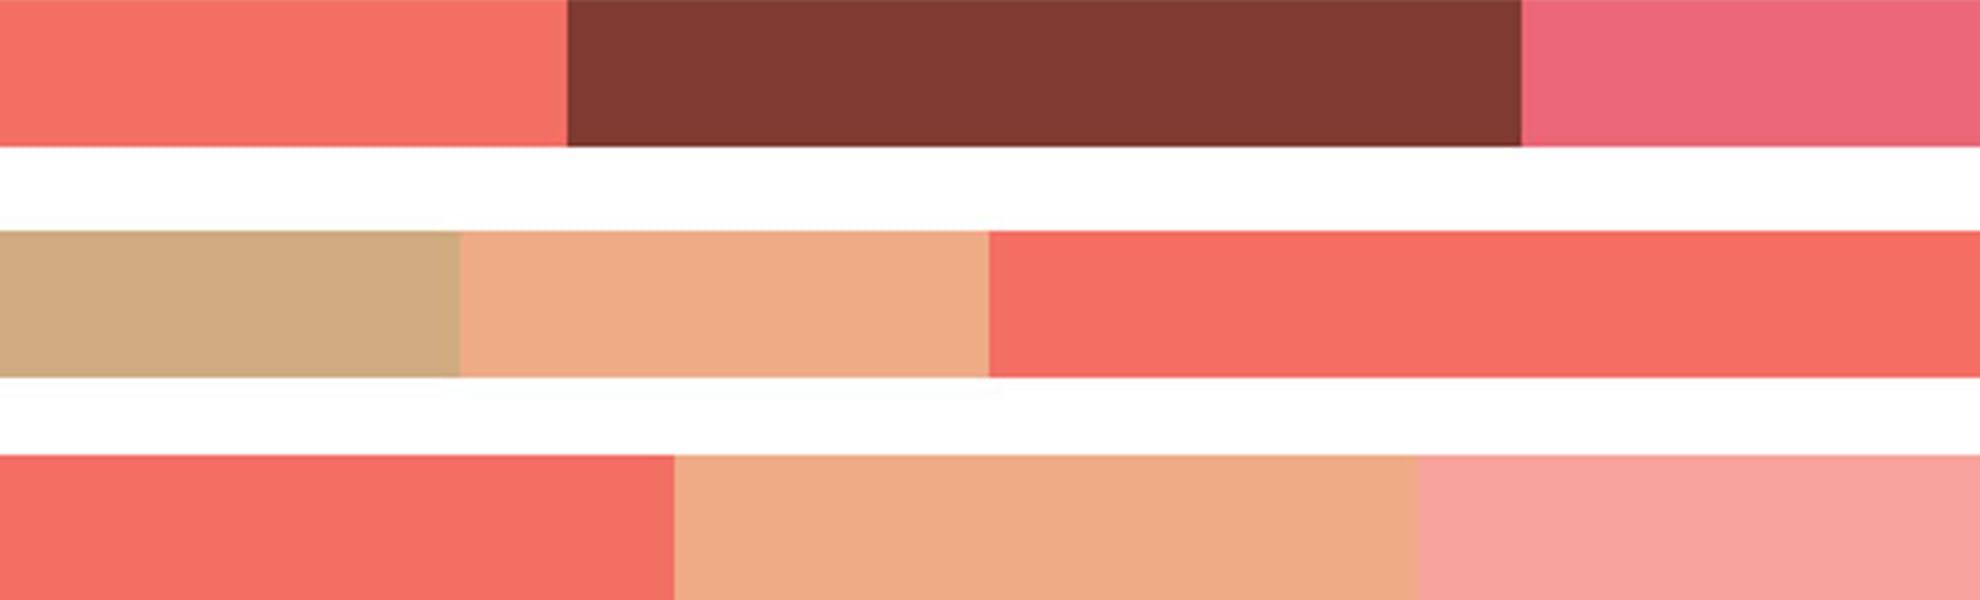 Pantone's Sympatico Palette